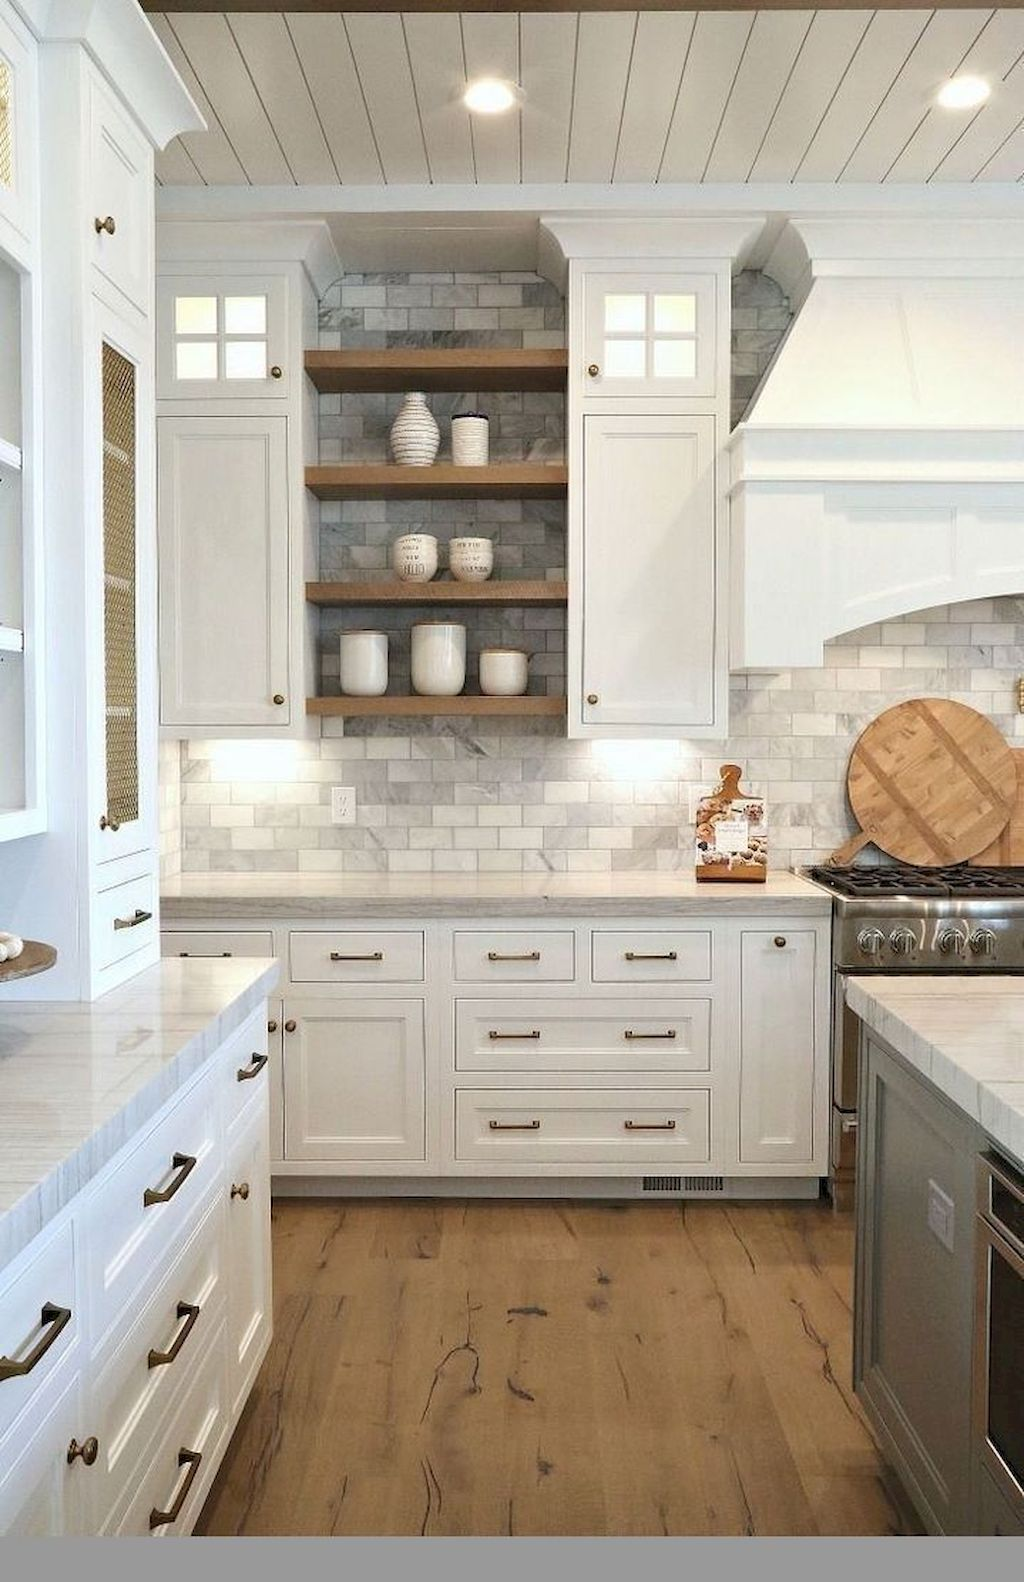 17 brilliant kitchen cabinet organization ideas on brilliant kitchen cabinet organization id=54305